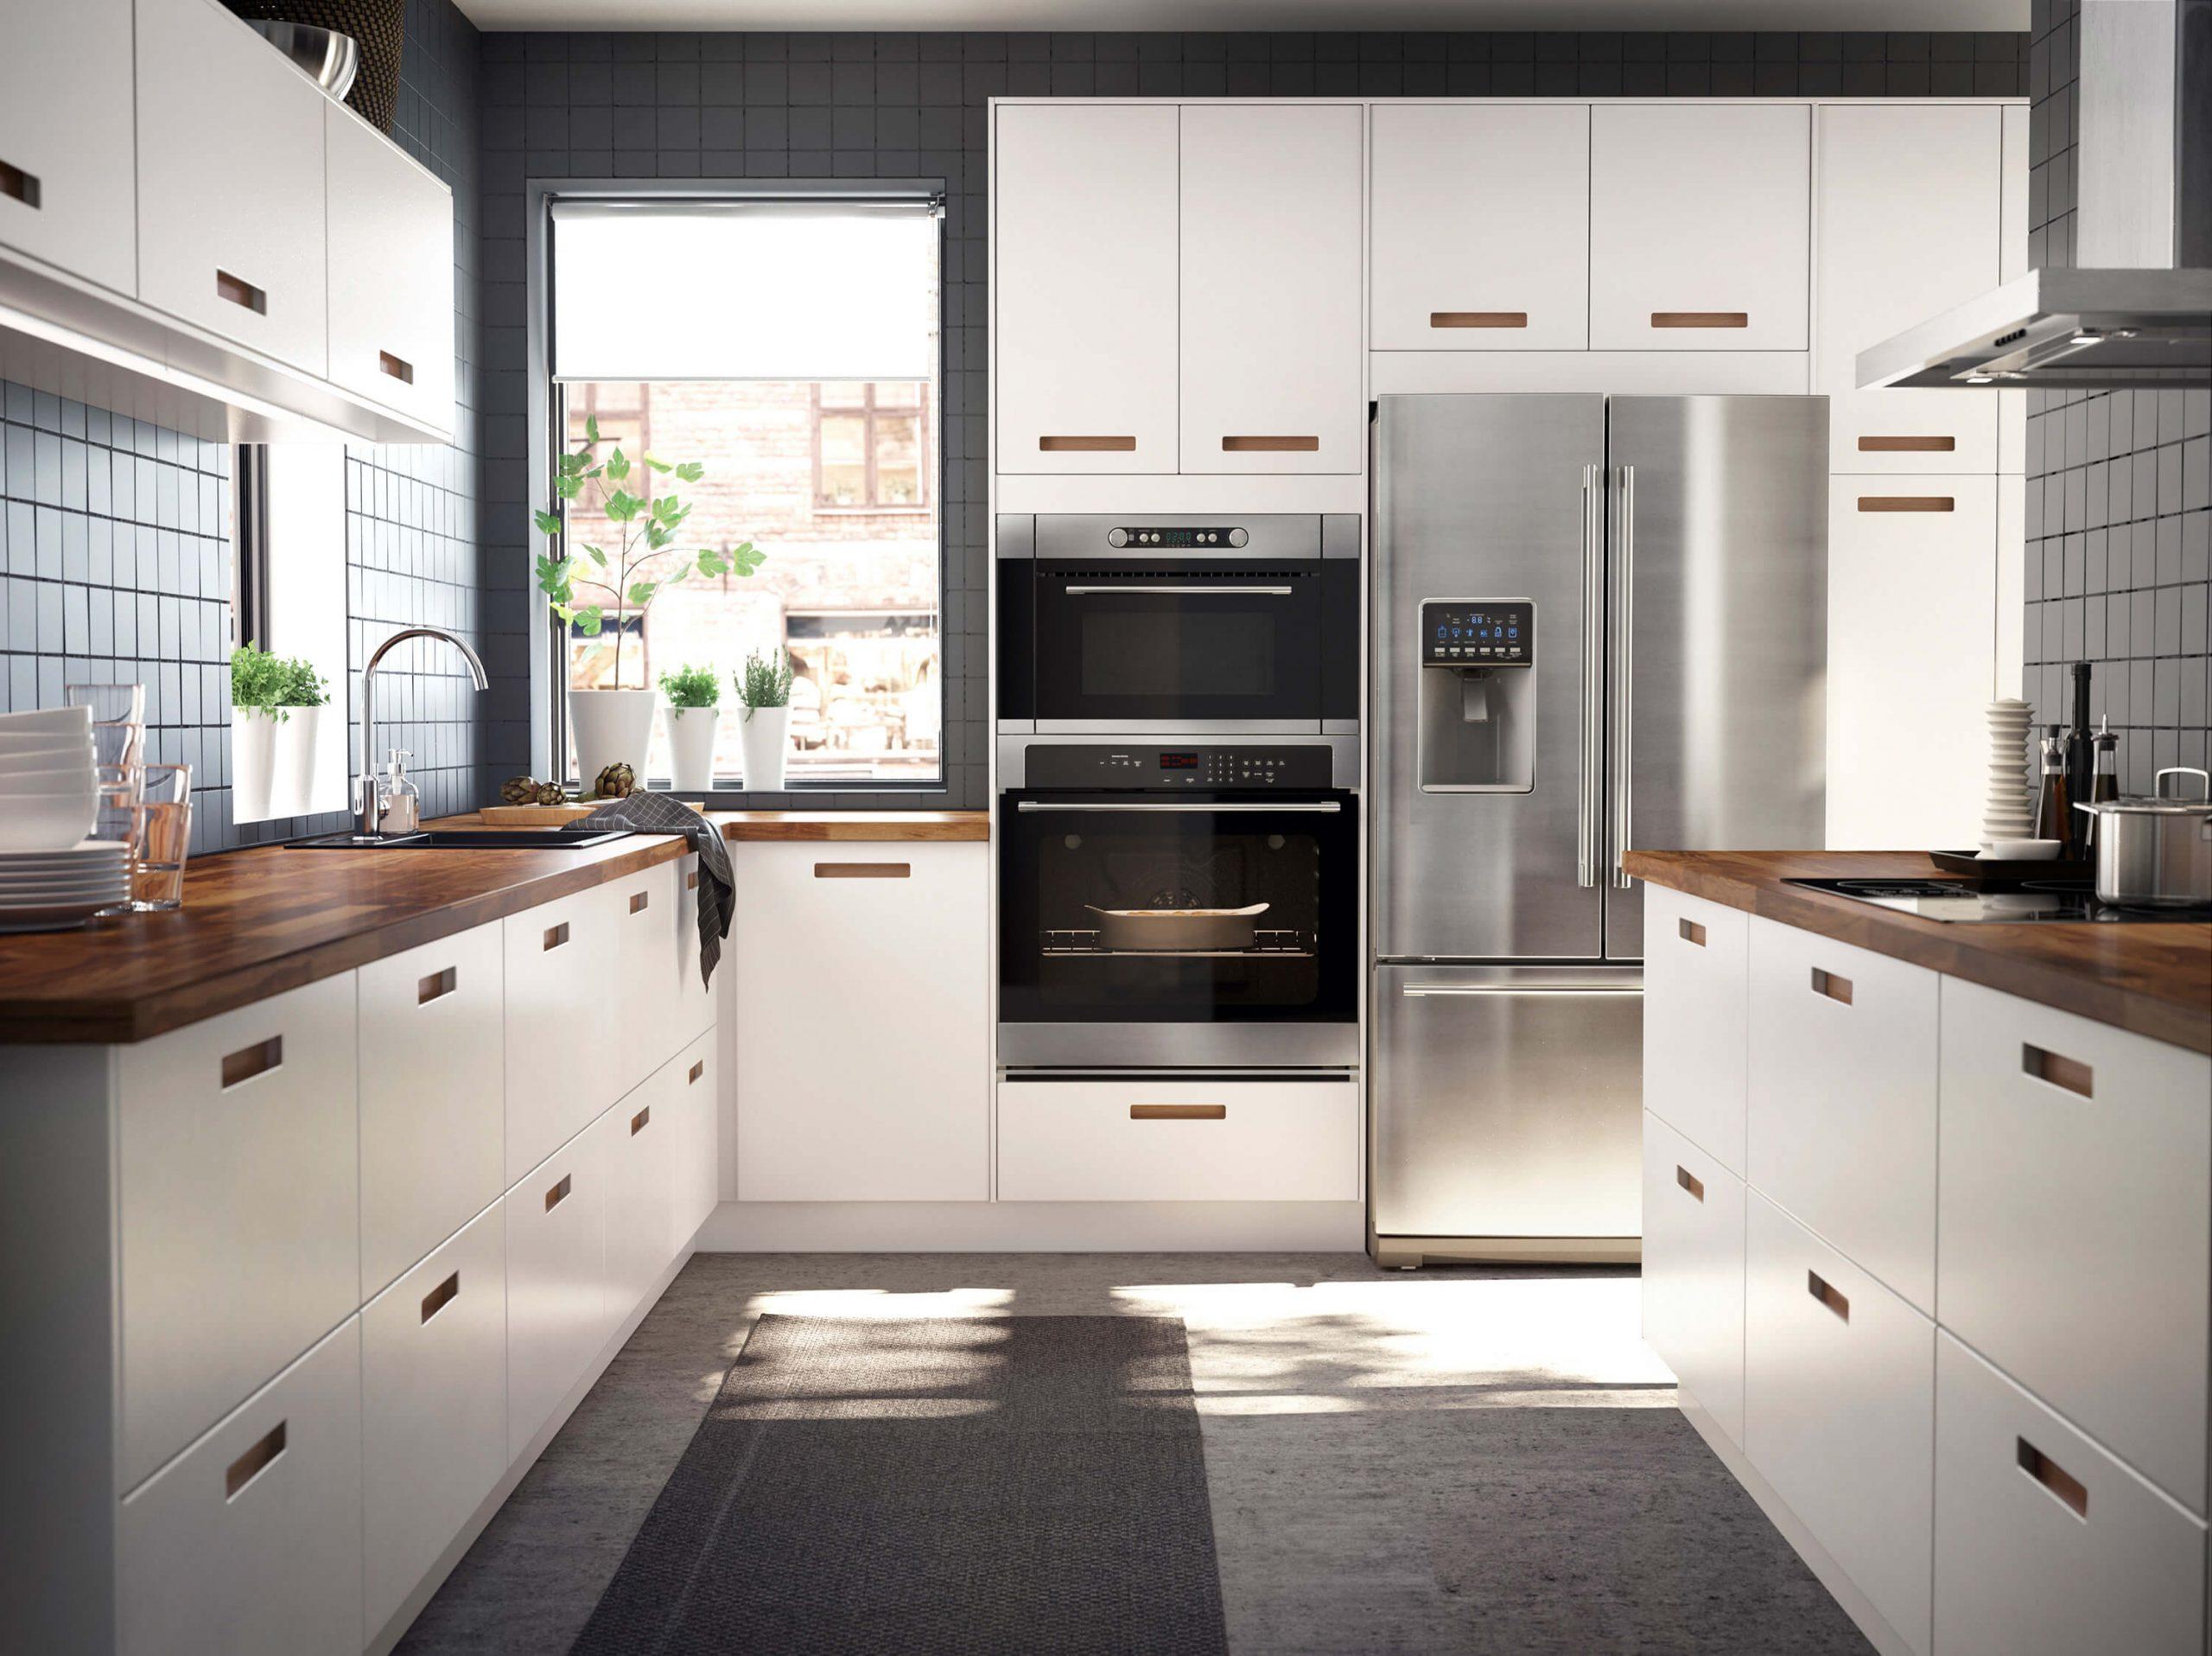 Full Size of Einbauküchen Mit Elektrogeräten Ohne Kühlschrank Einbauküche Elektrogeräte Garantie Einbauküche Mit Elektrogeräten Obi Einbauküche Mit Elektrogeräten Kosten Küche Einbauküche Mit Elektrogeräten